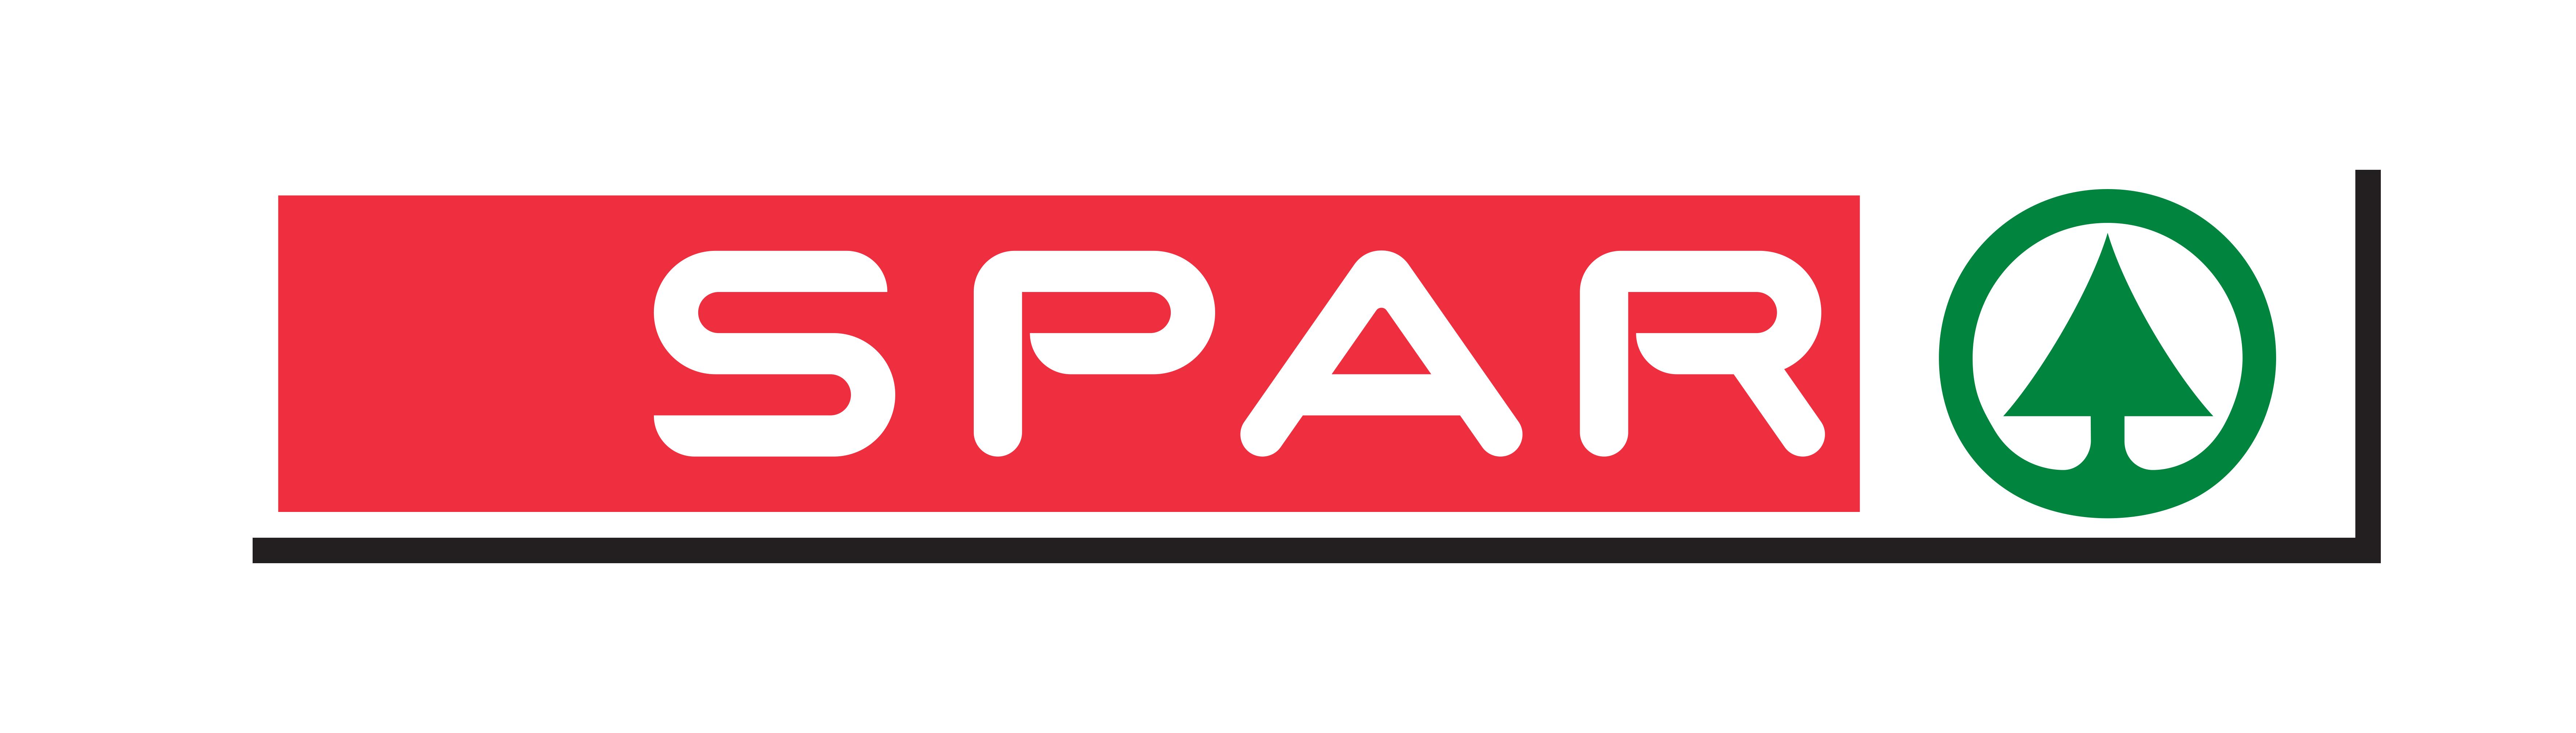 SPAR Sonstraal